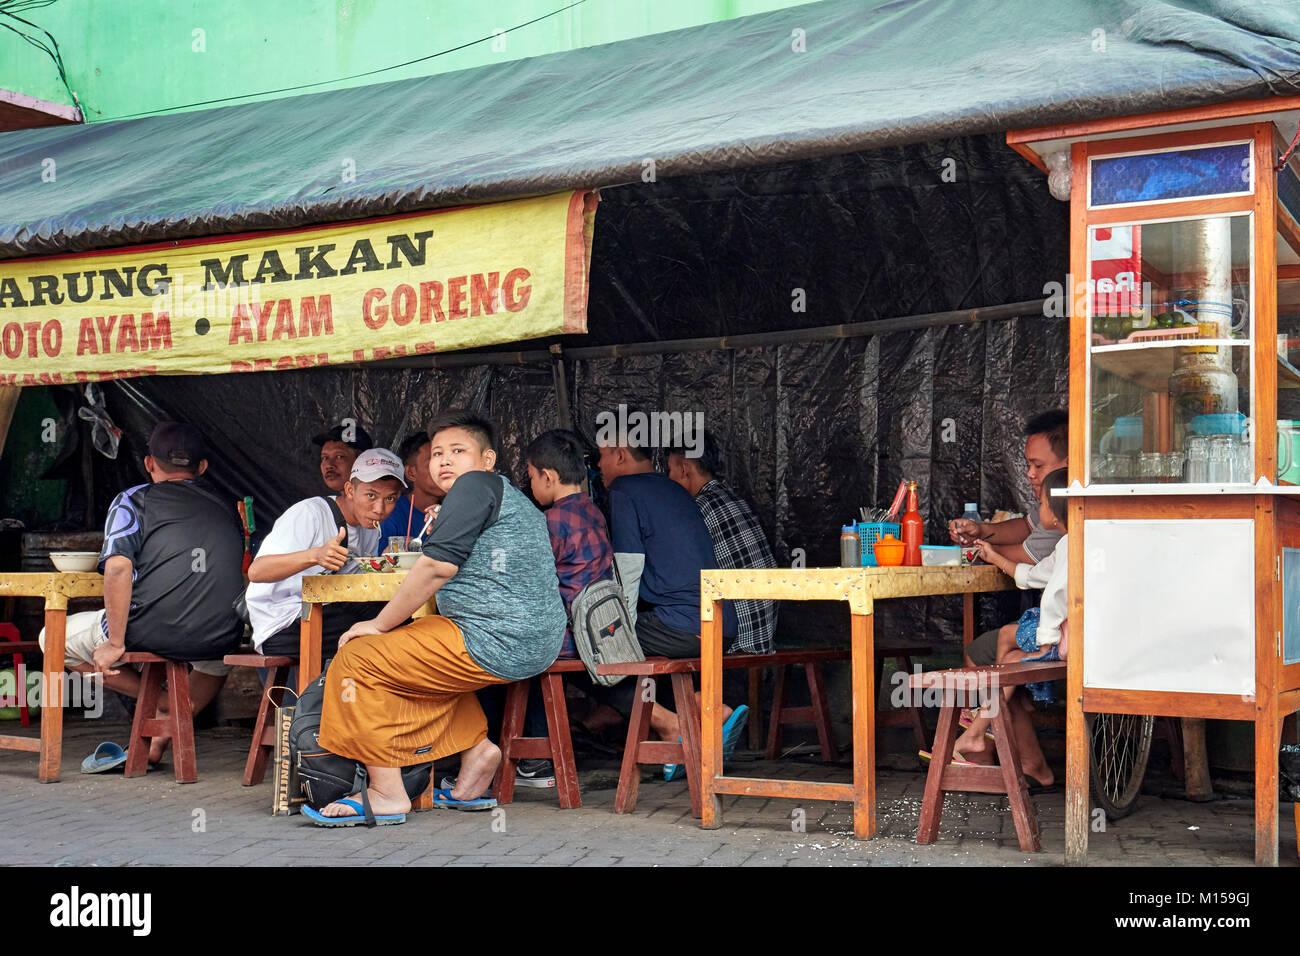 Menschen essen in einem kleinen Restaurant auf der Straße Ketandan Wetan Straße. Yogyakarta, Java, Indonesien. Stockbild